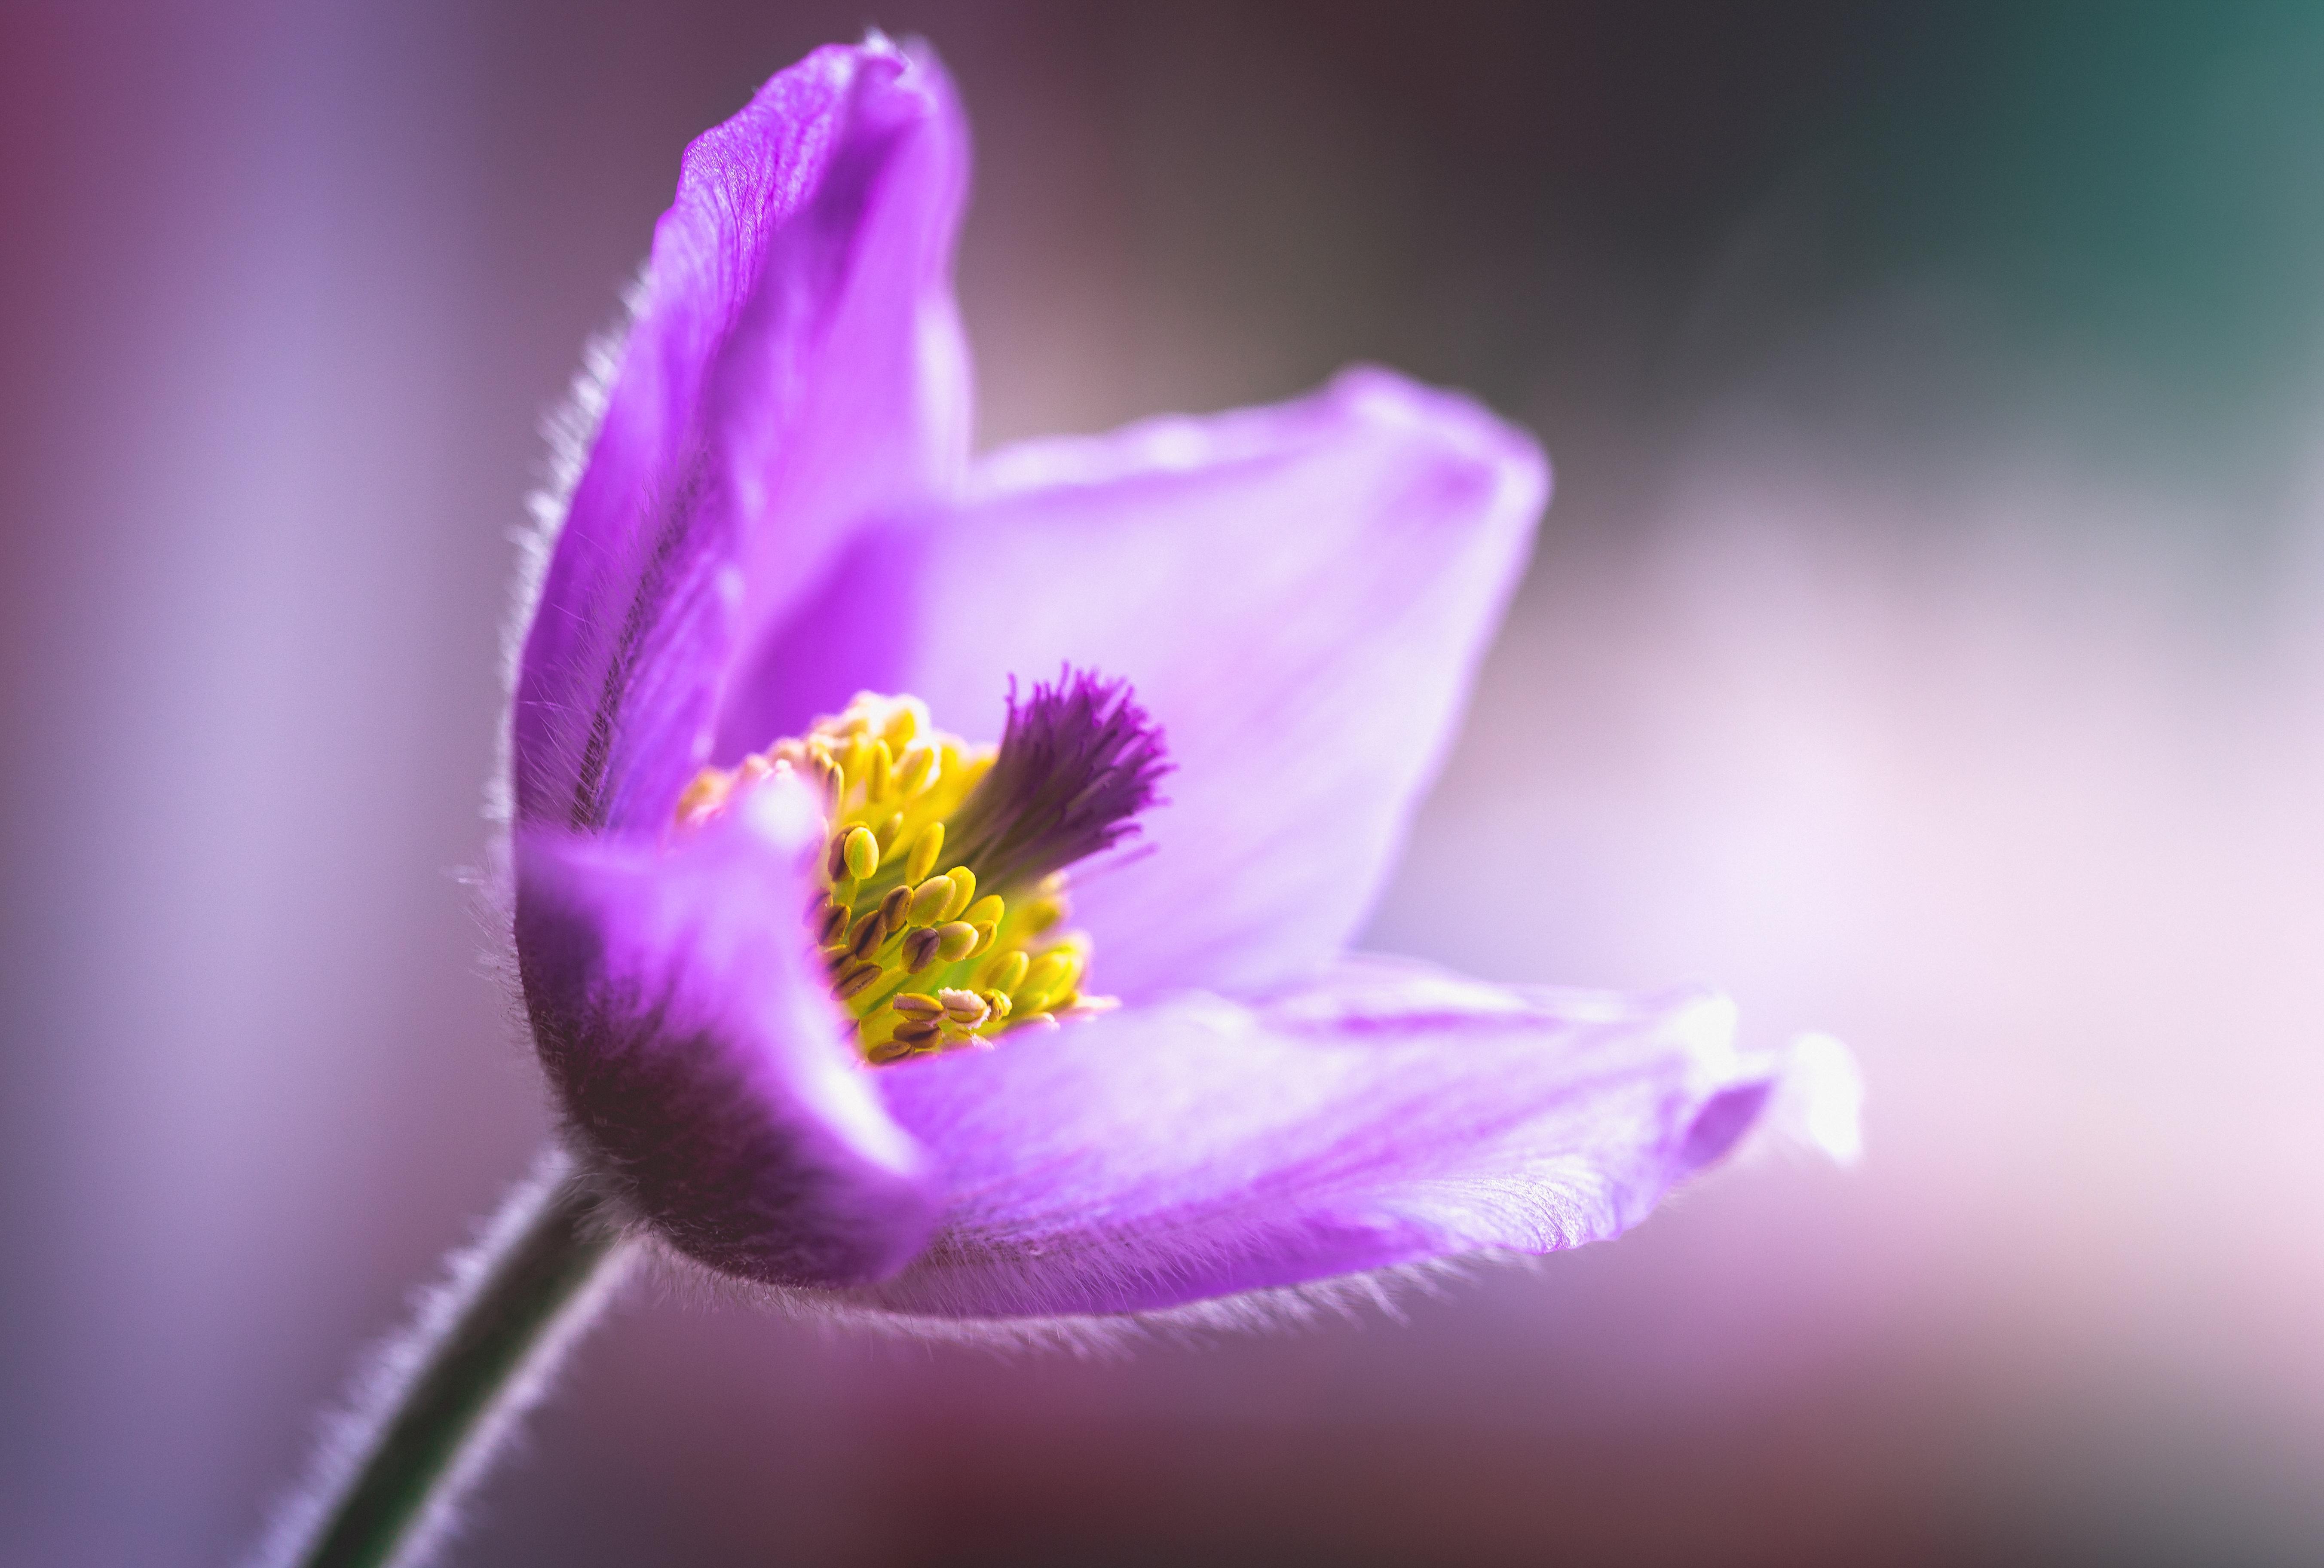 картинка спящего цветка этого изделия может